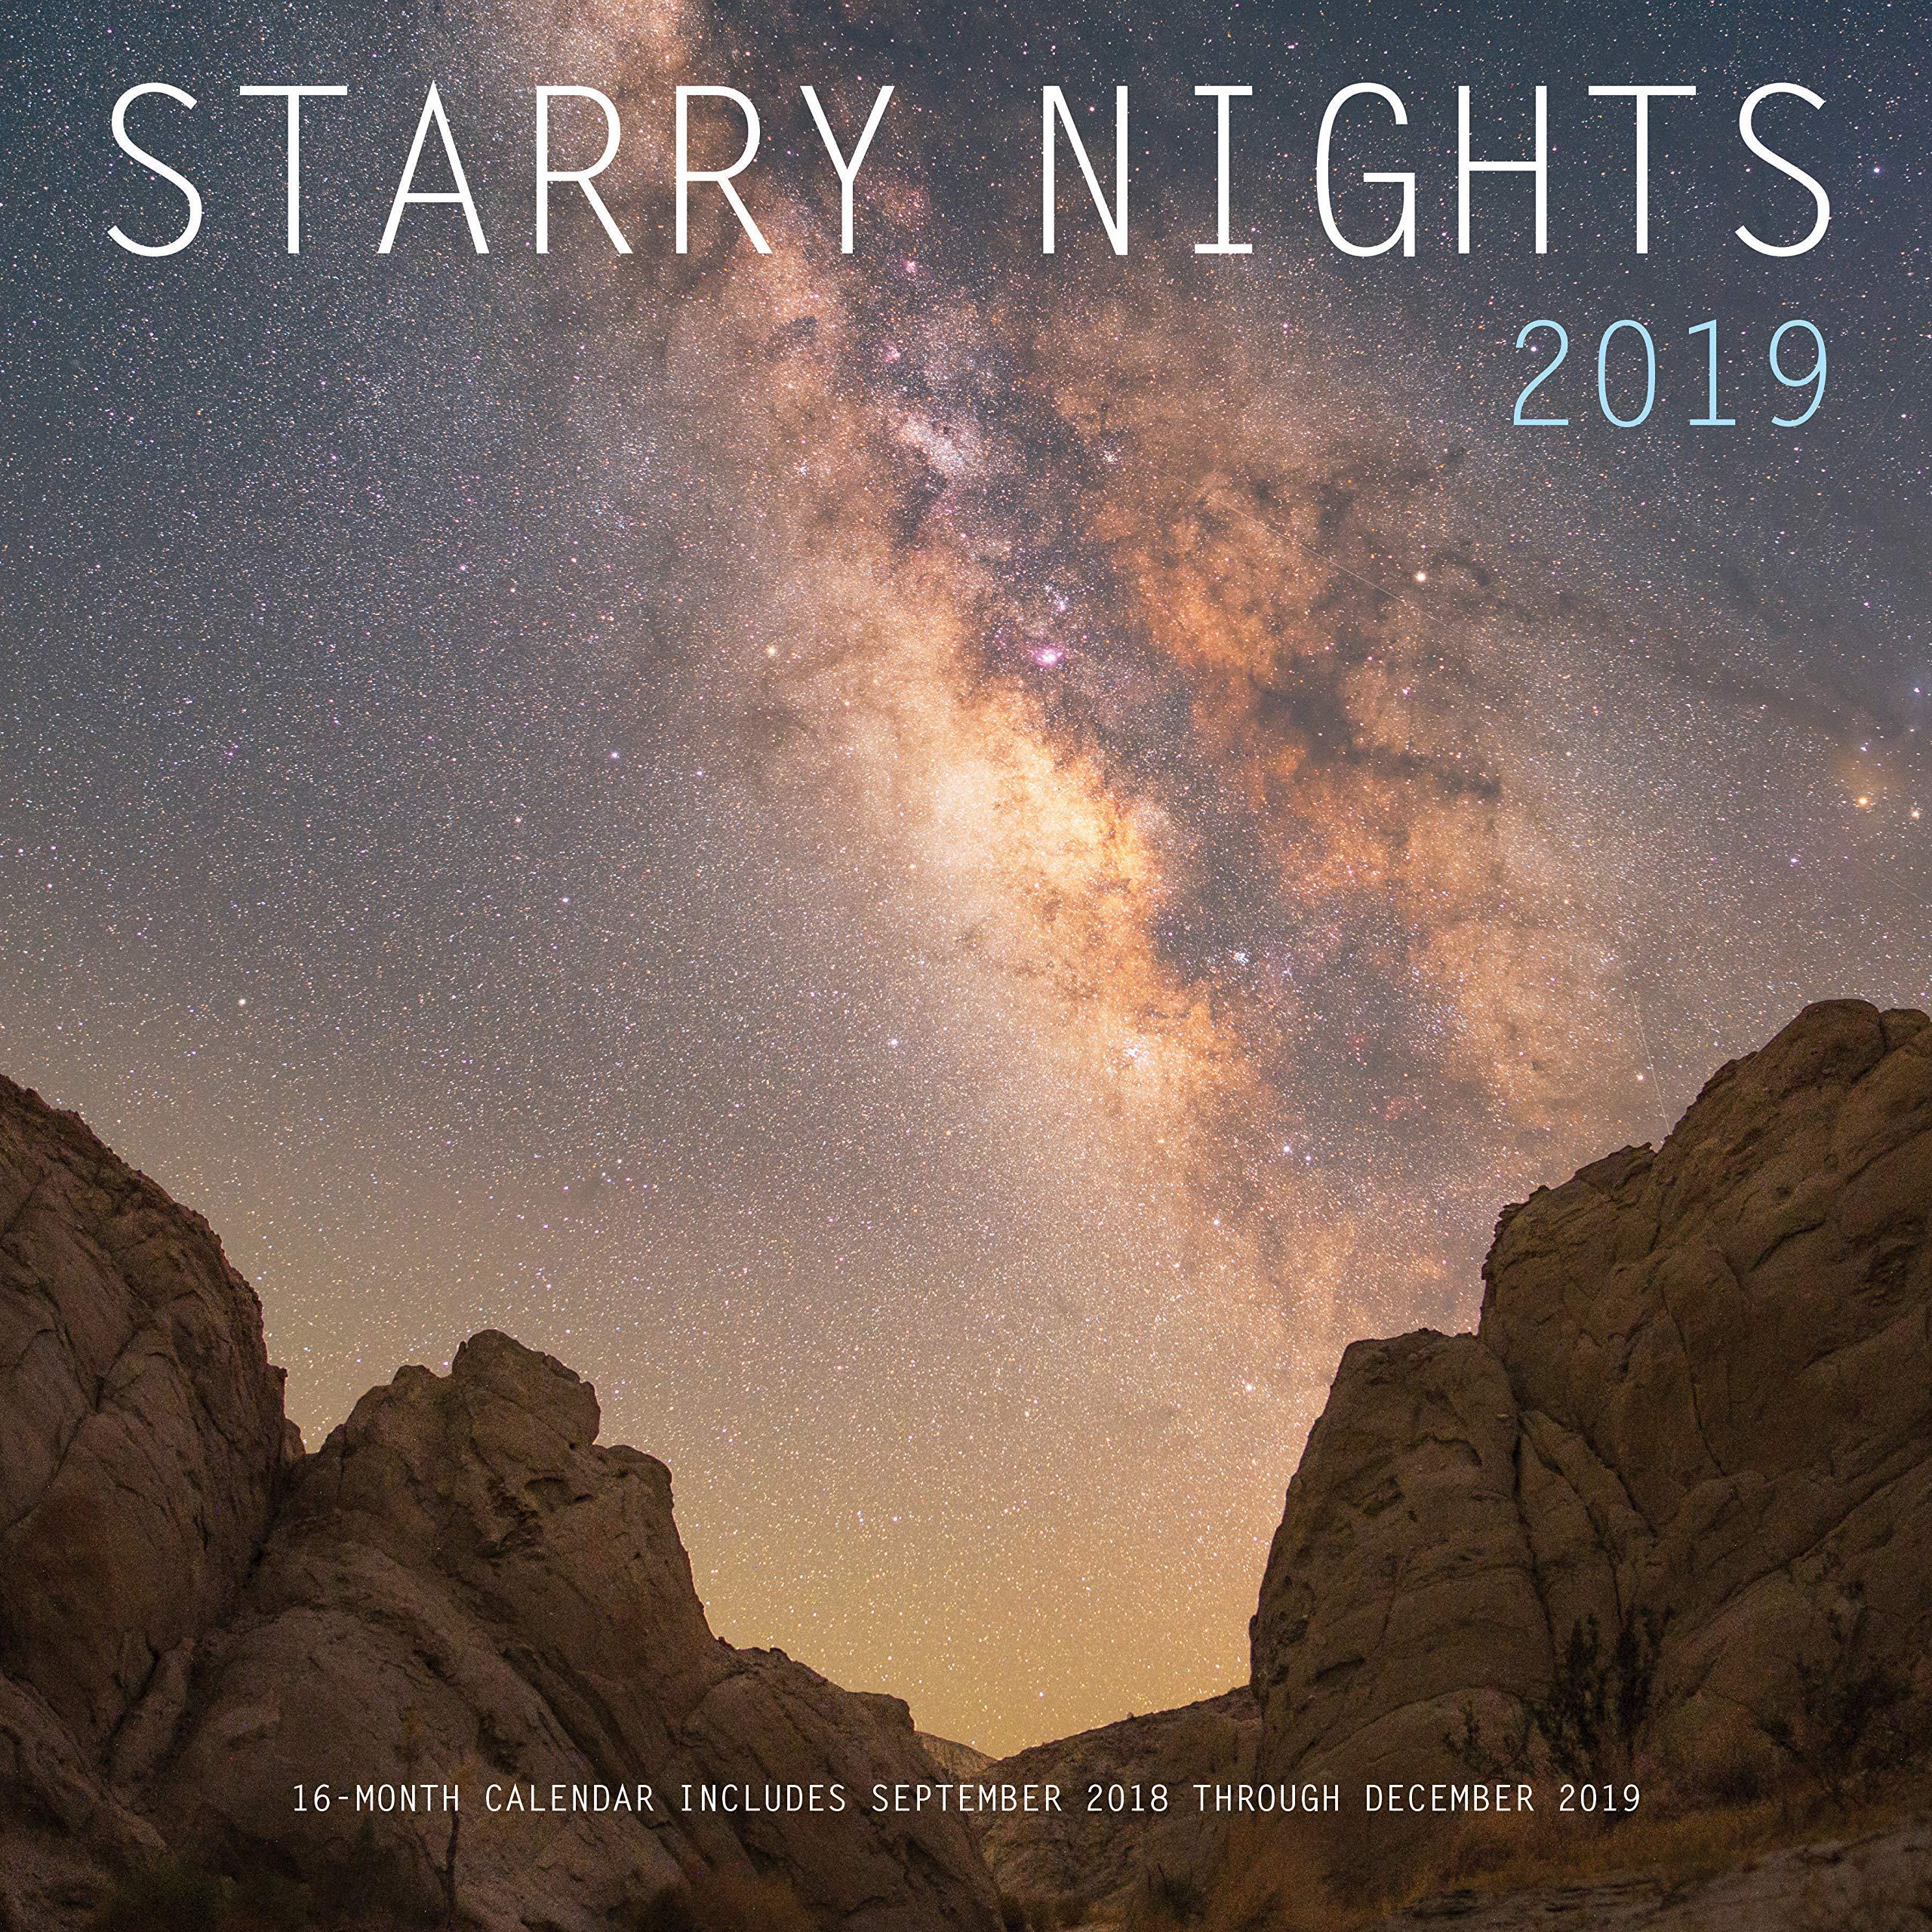 Starry Nights 2019: 16-Month Calendar - September 2019 Through December 2019 Starry Nights 2019: 16 Month Calendar   September 2018 through